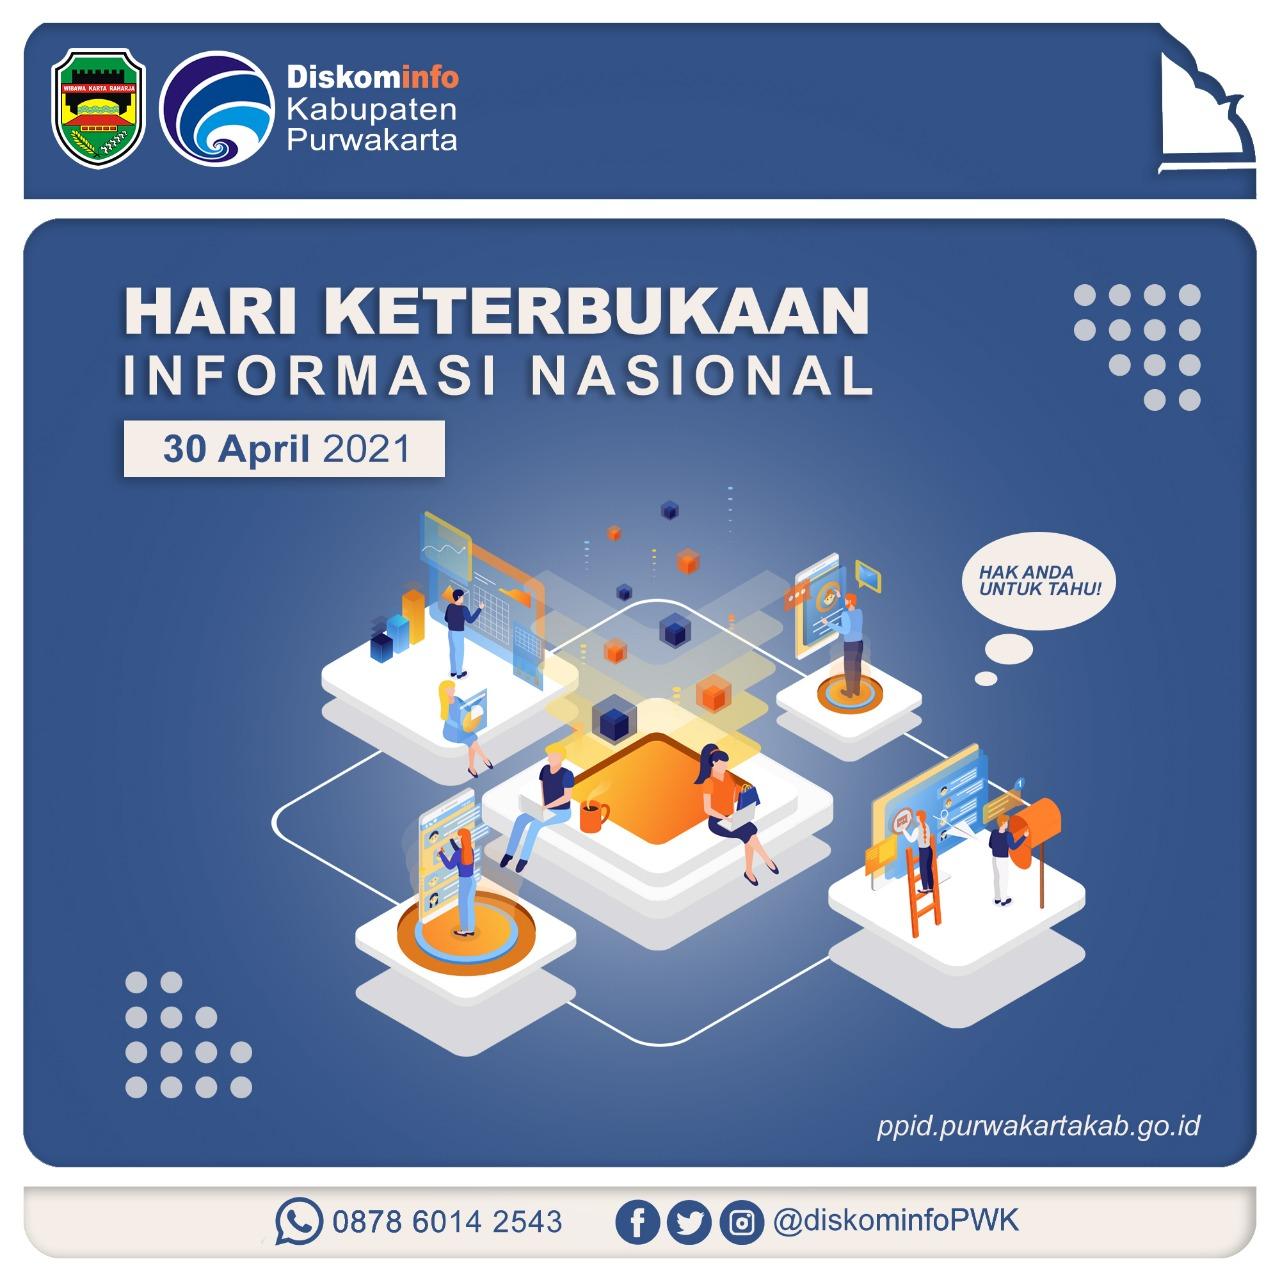 Hari Keterbukaan Informasi Nasional